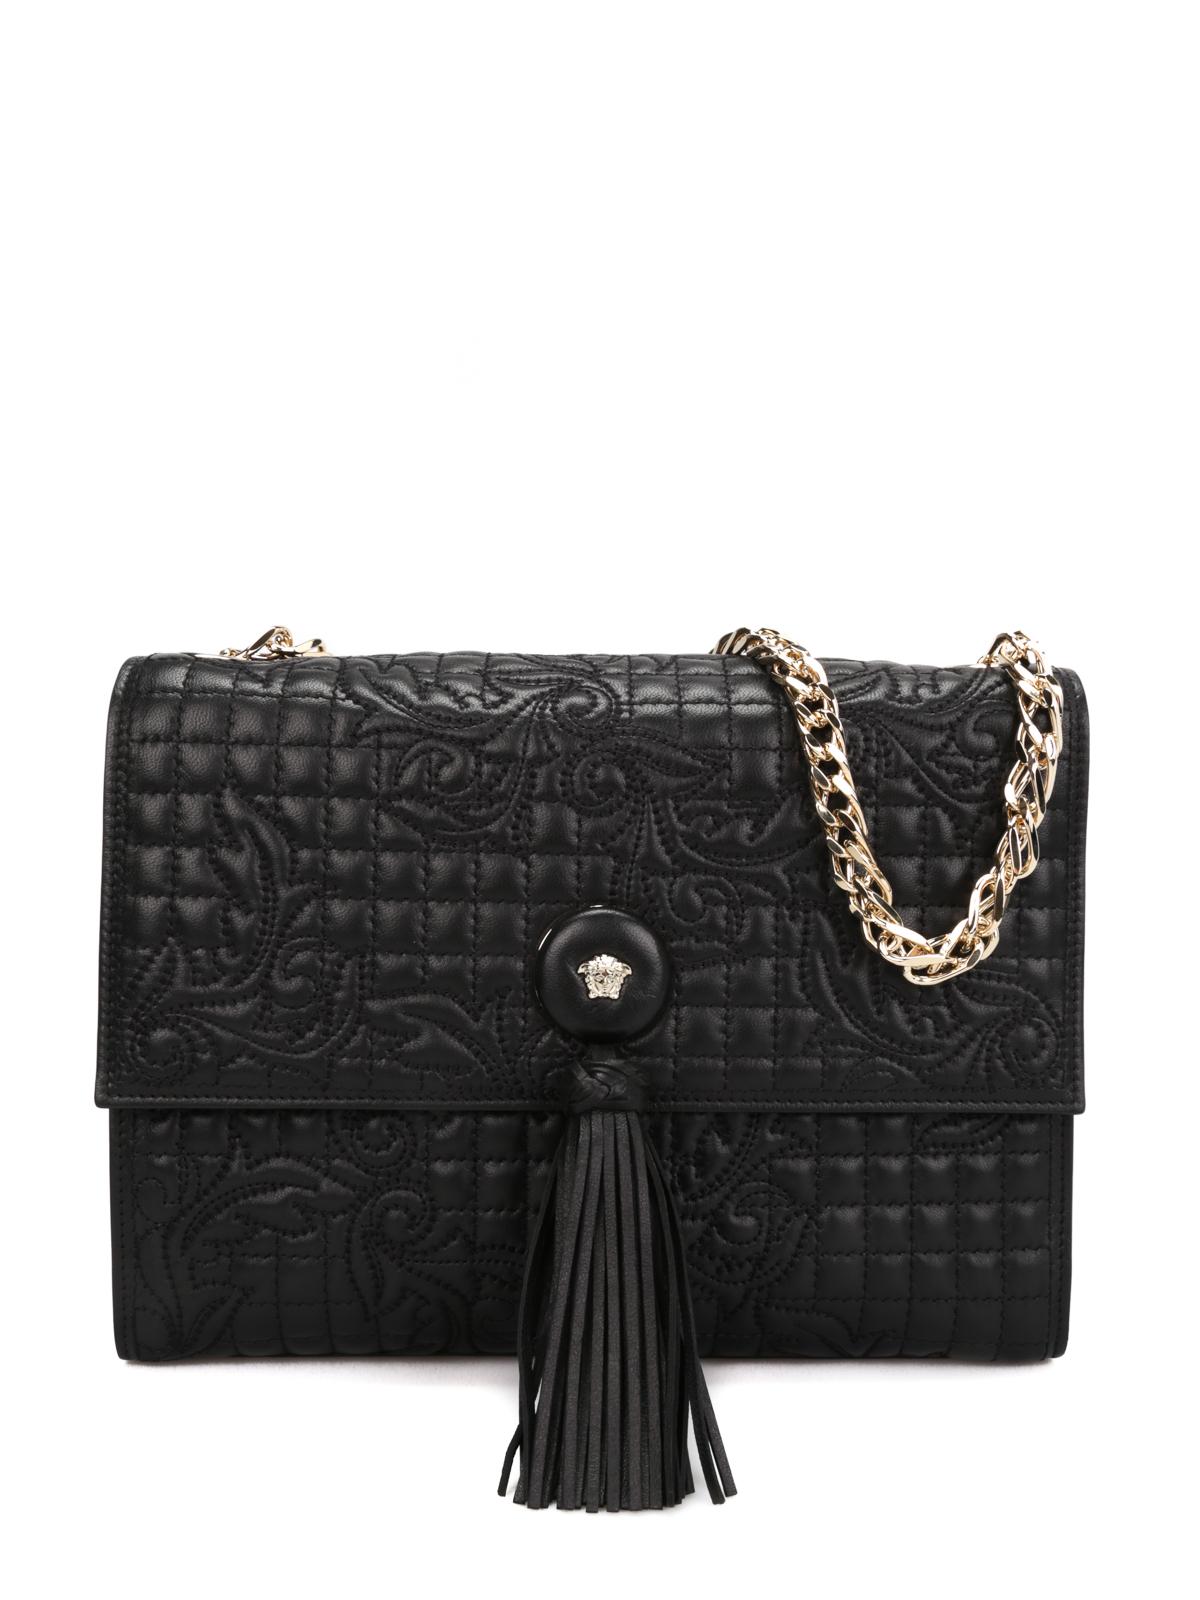 b6e2203e217a Versace - Vanitas Barocco bag - shoulder bags - DBFF054 DNRVN D410C